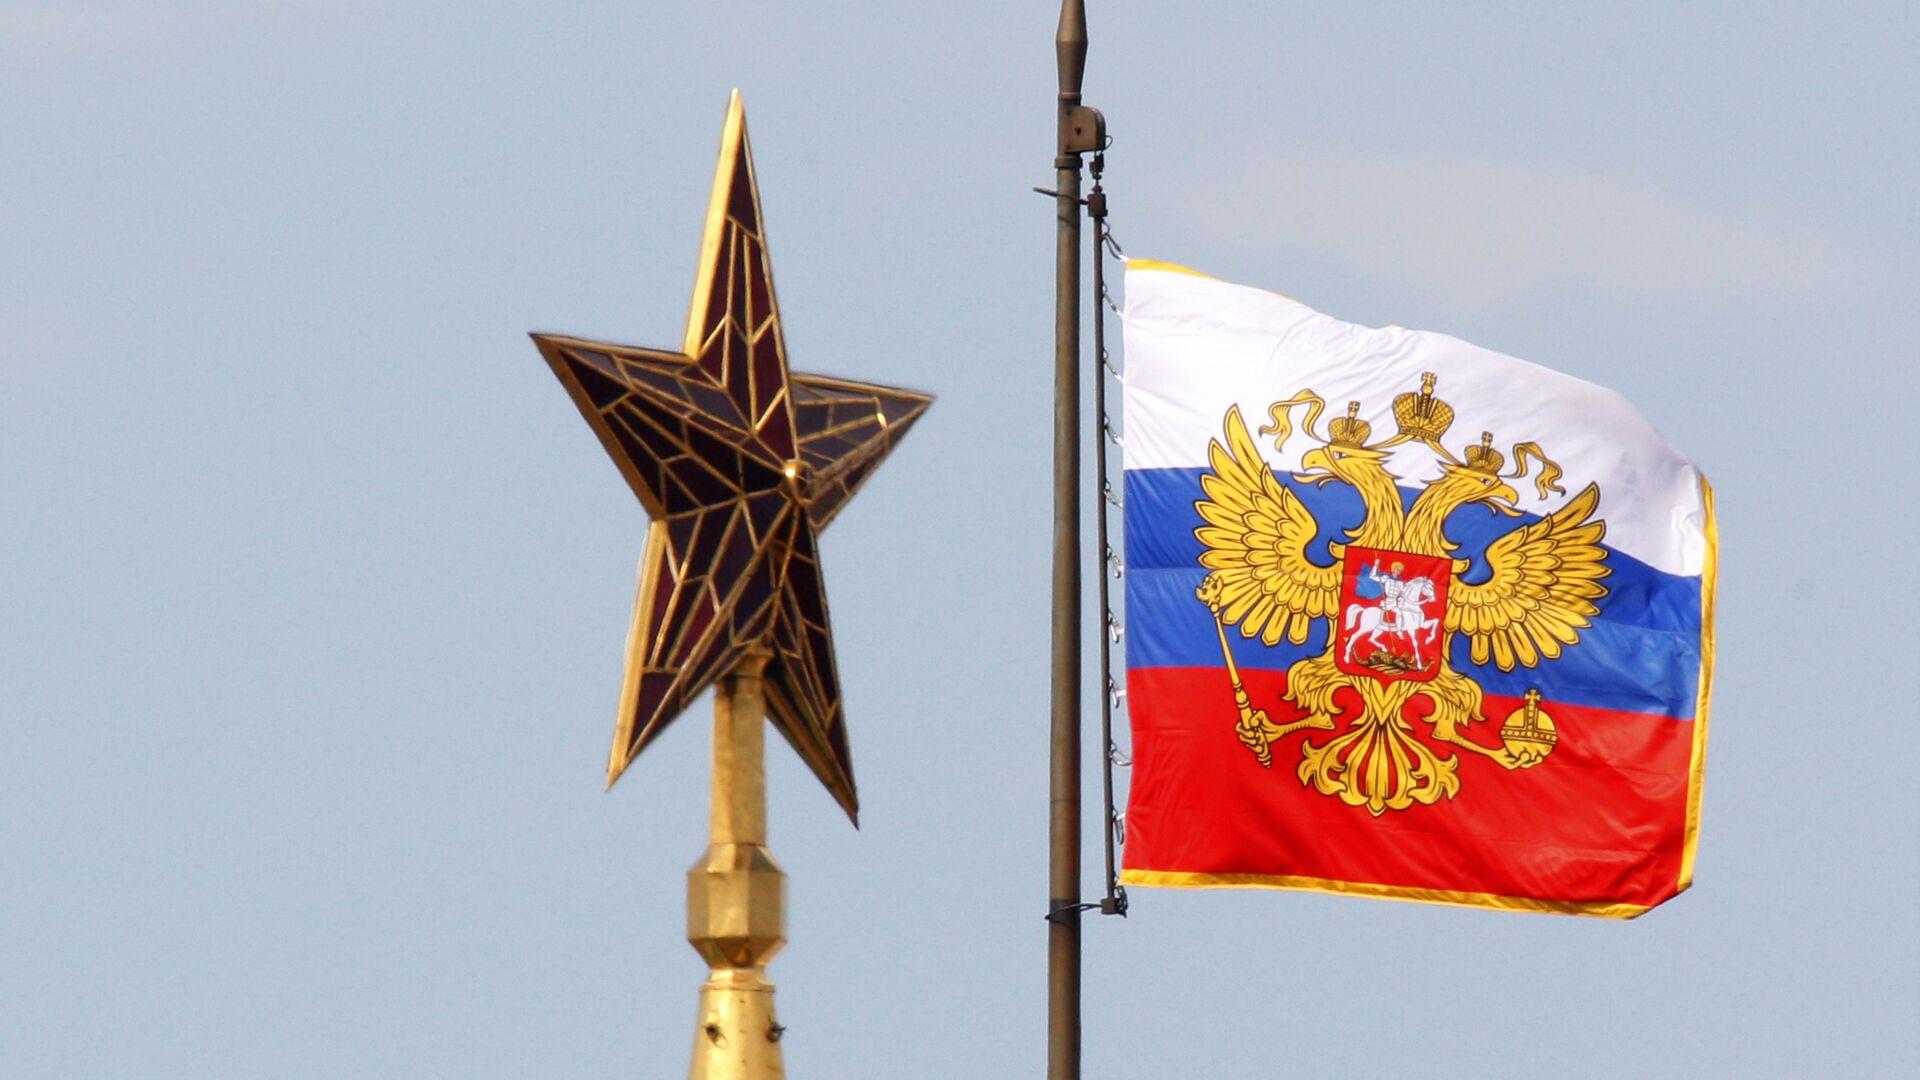 El estandarte (bandera) del presidente de la Federación de Rusia - Sputnik Mundo, 1920, 30.03.2021